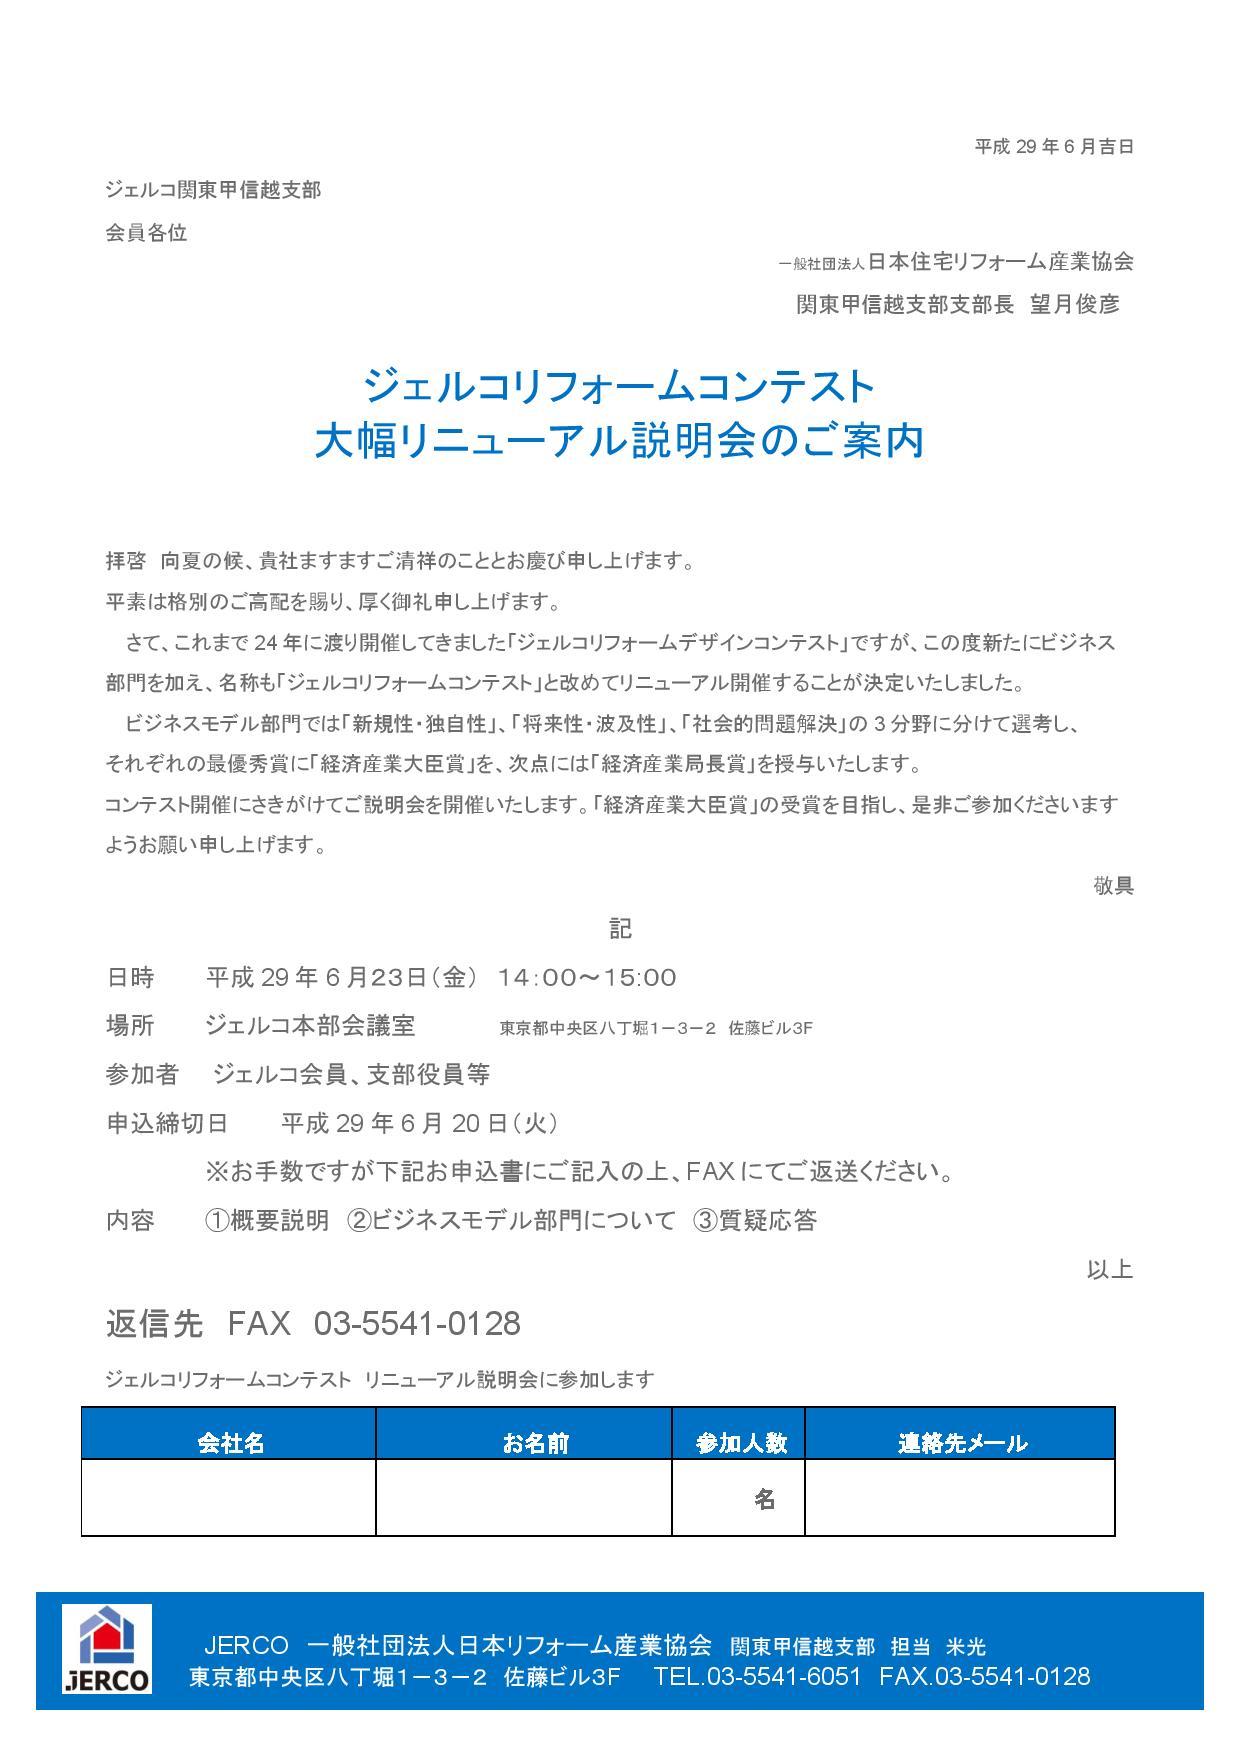 ジェルコリフォームデザインコンテストが、変わります。目指せ、経済産業大臣賞!